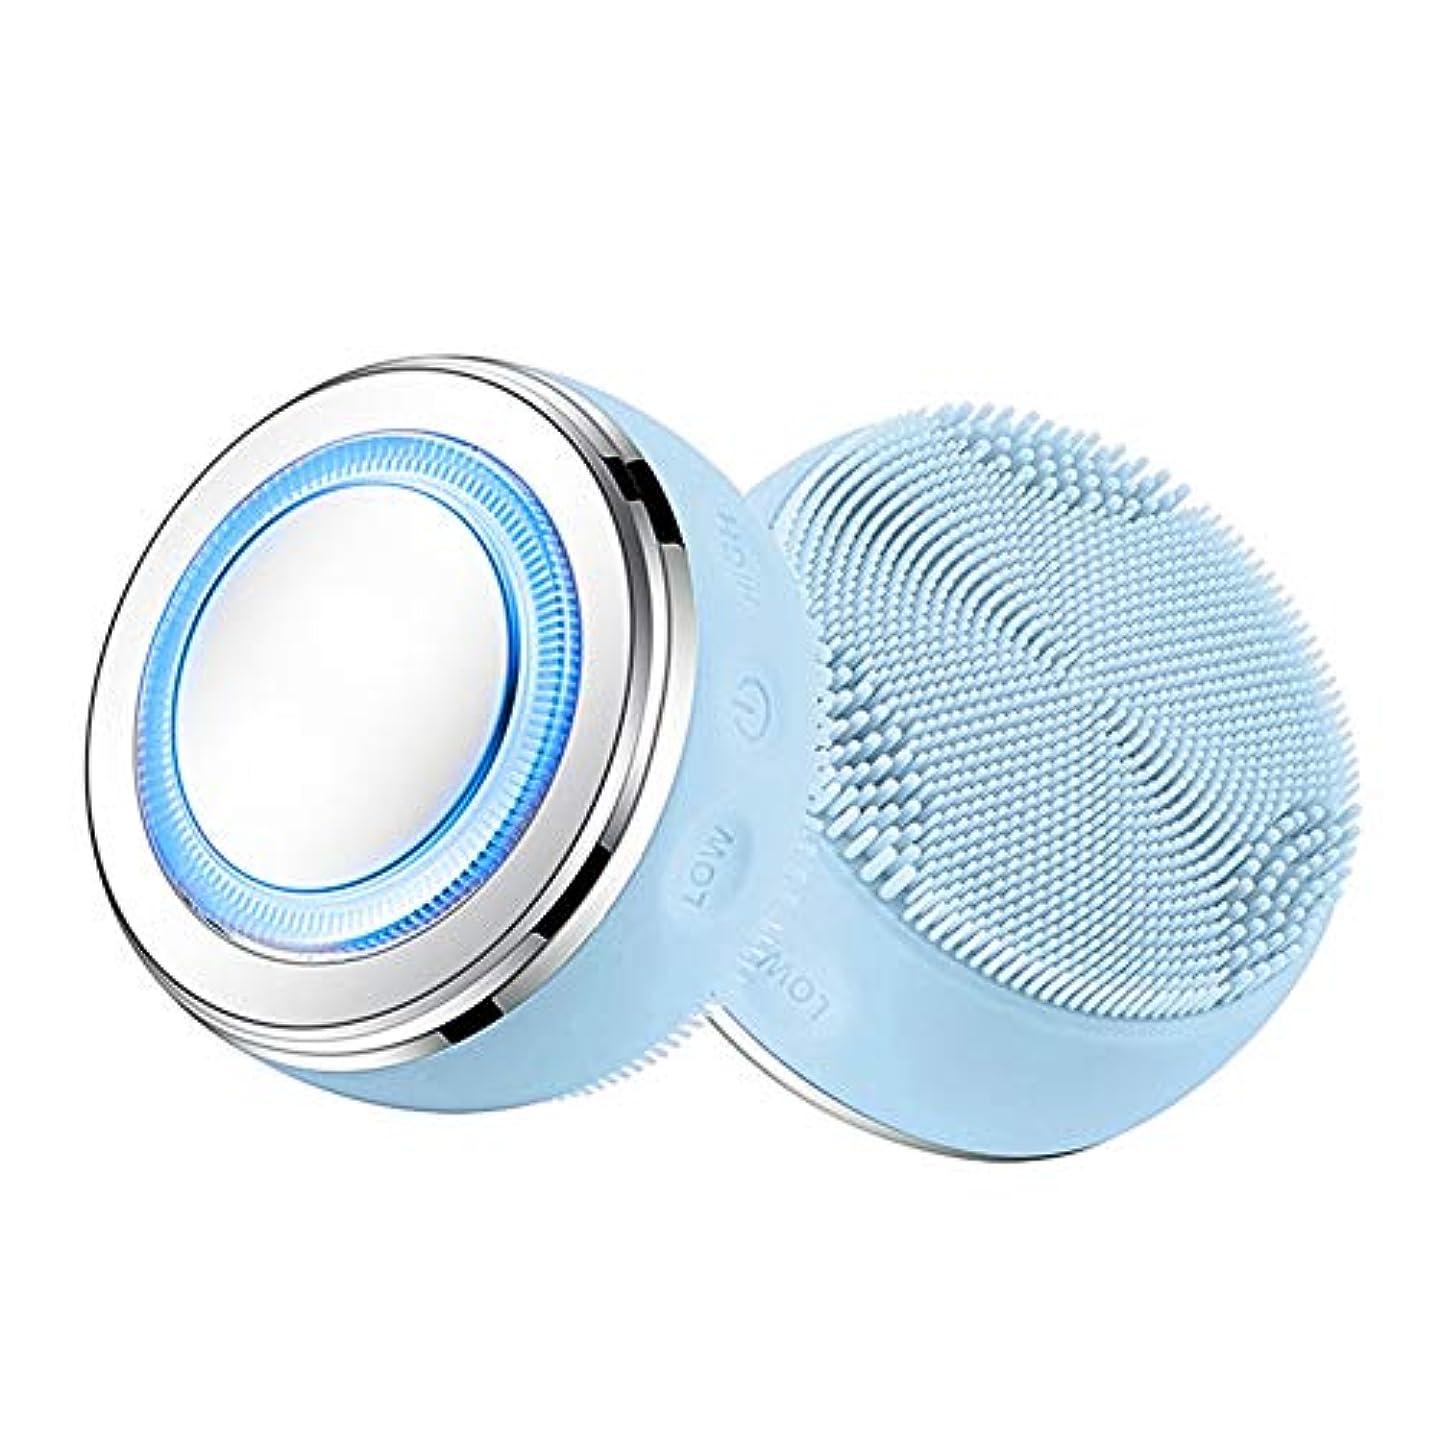 アイデア無駄だ意志に反する2-IN-1クレンジングブラシ、ホットプレスLEDスキンクリーナー、防水シリコーン毛穴クリーナー美顔器